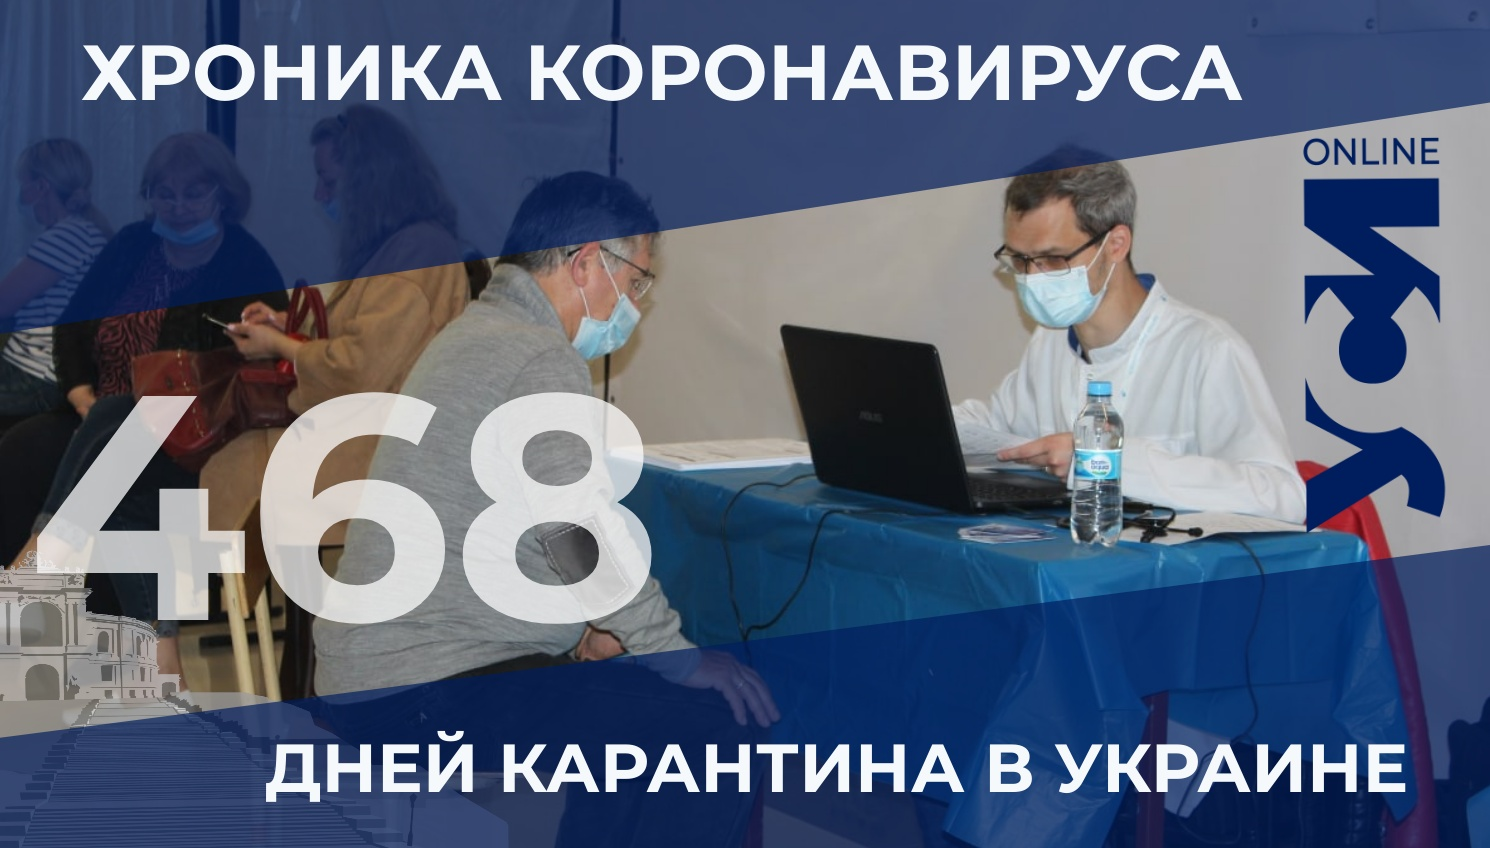 Хроника COVID-19: в Одесской области заболело 17 человек, двое умерли «фото»